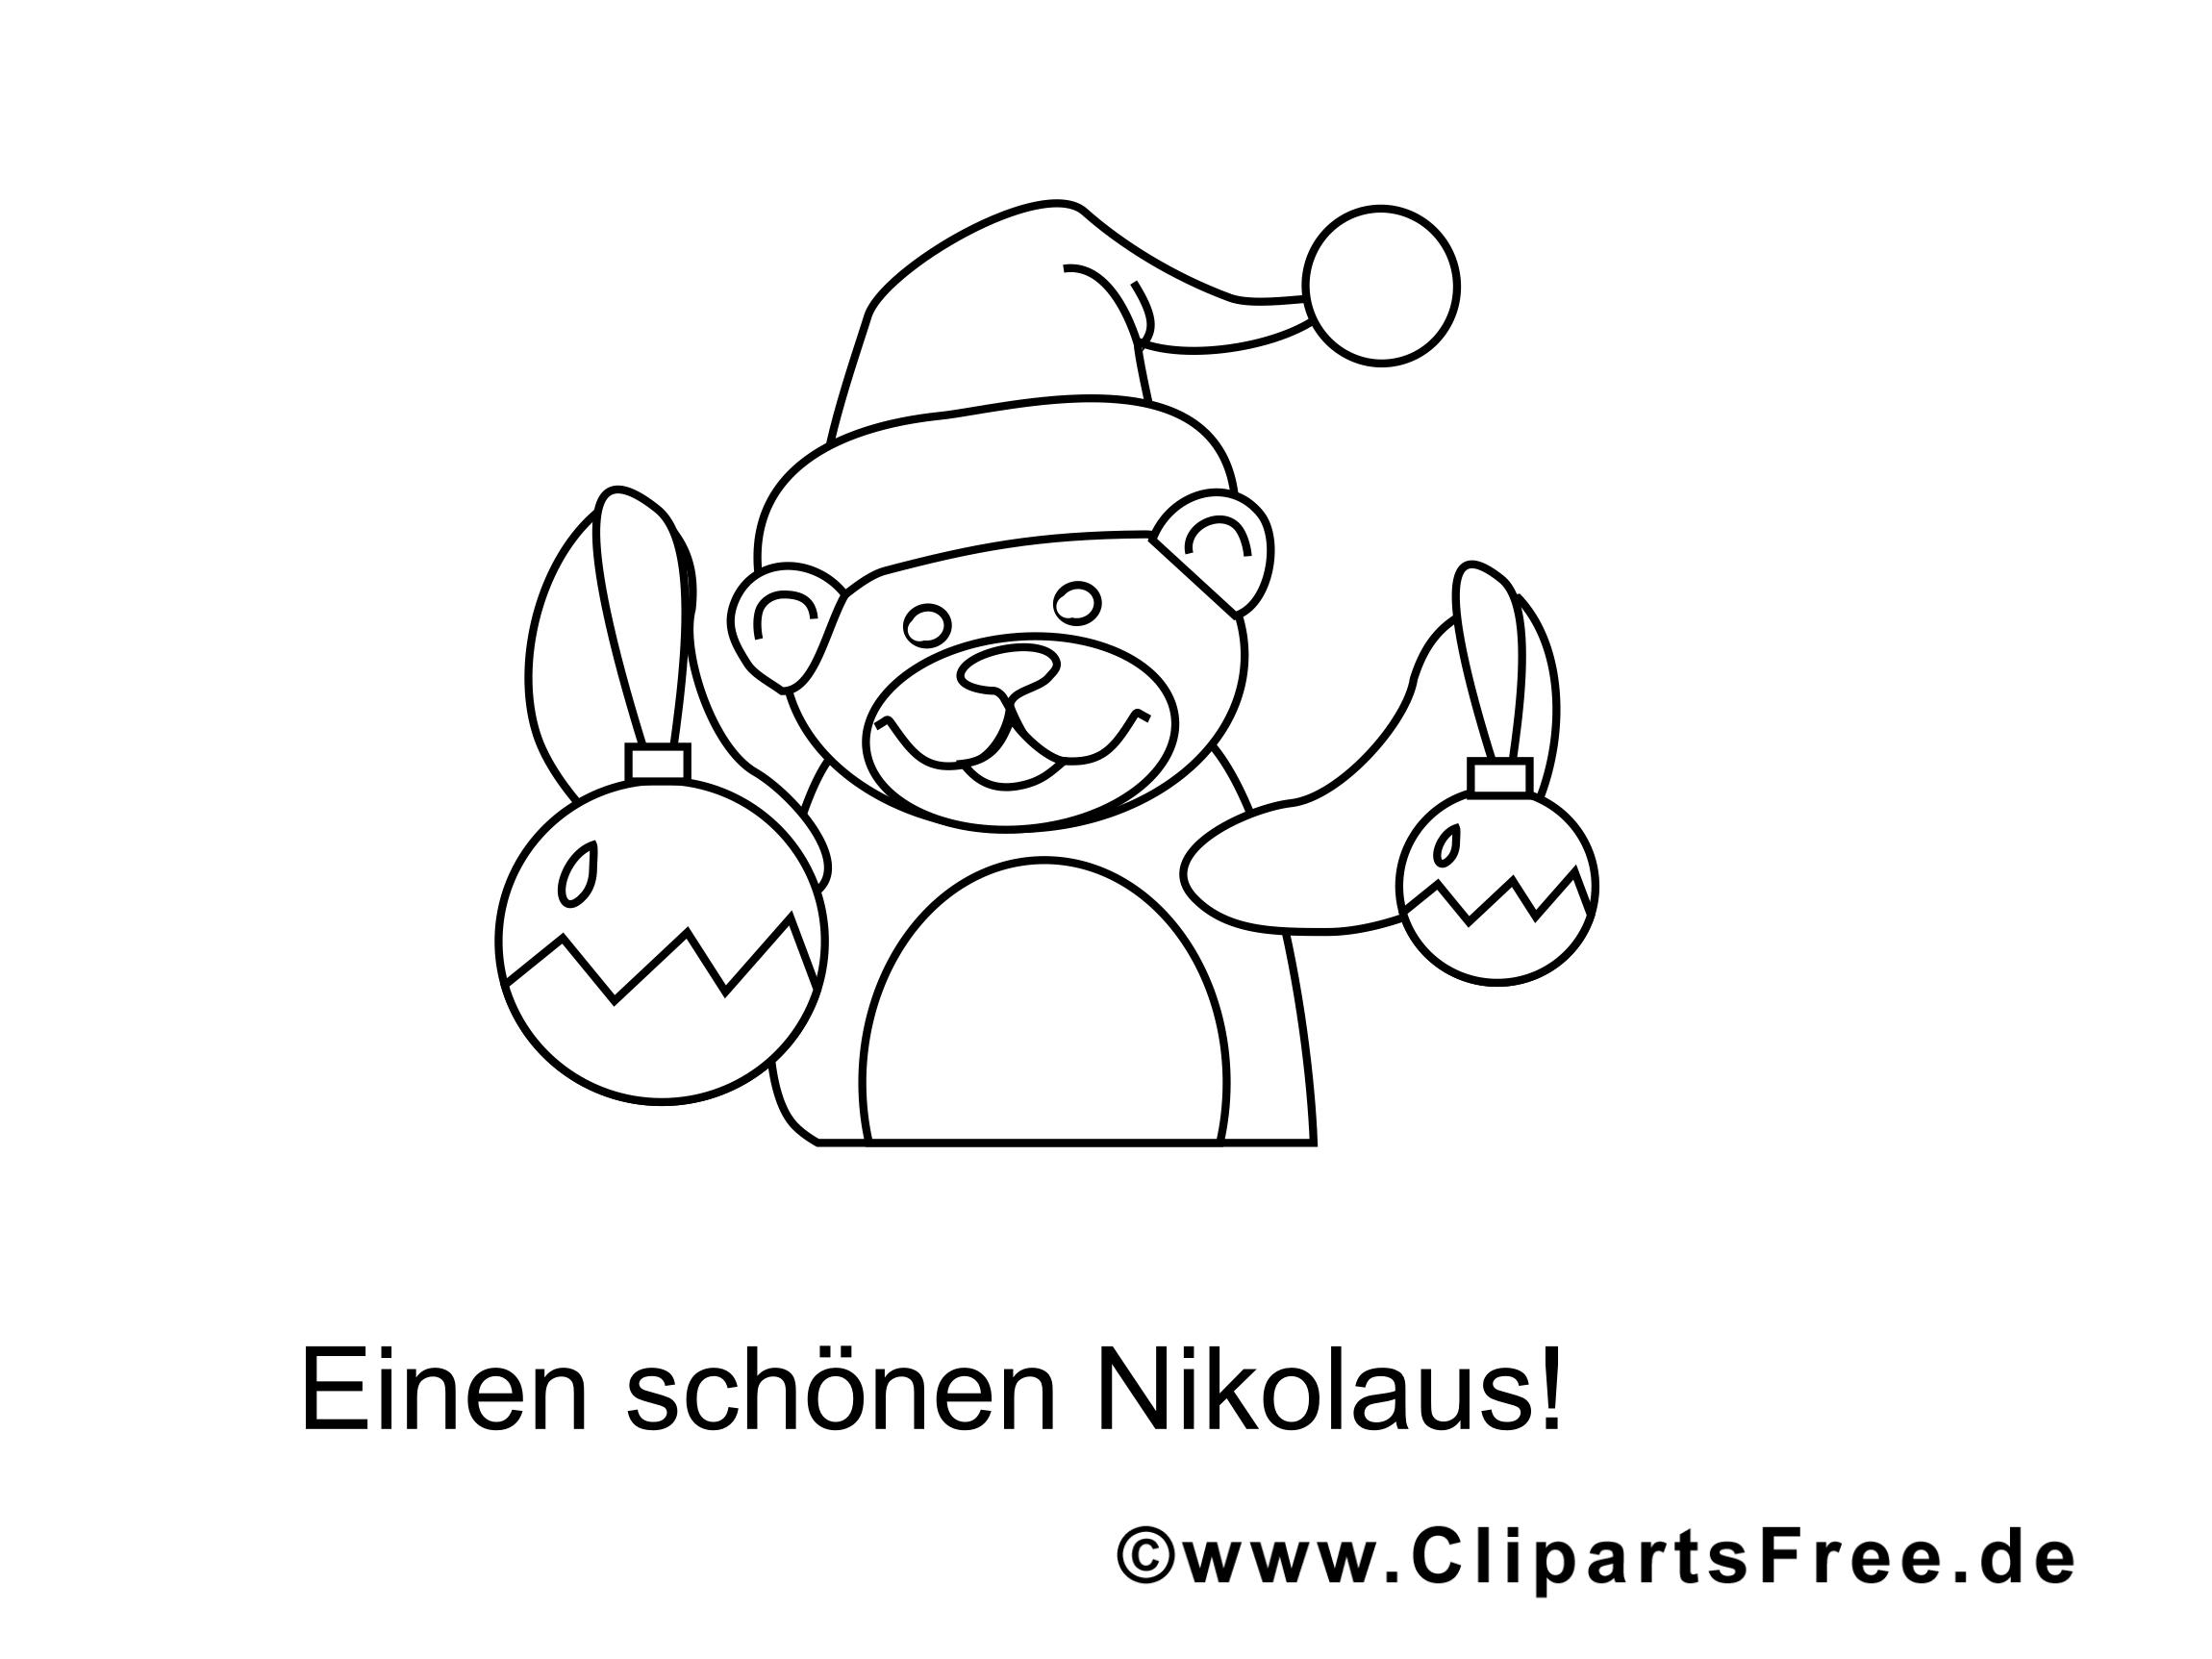 Weihnachten Ausmalbilder für Kinder kostenlos ausdrucken